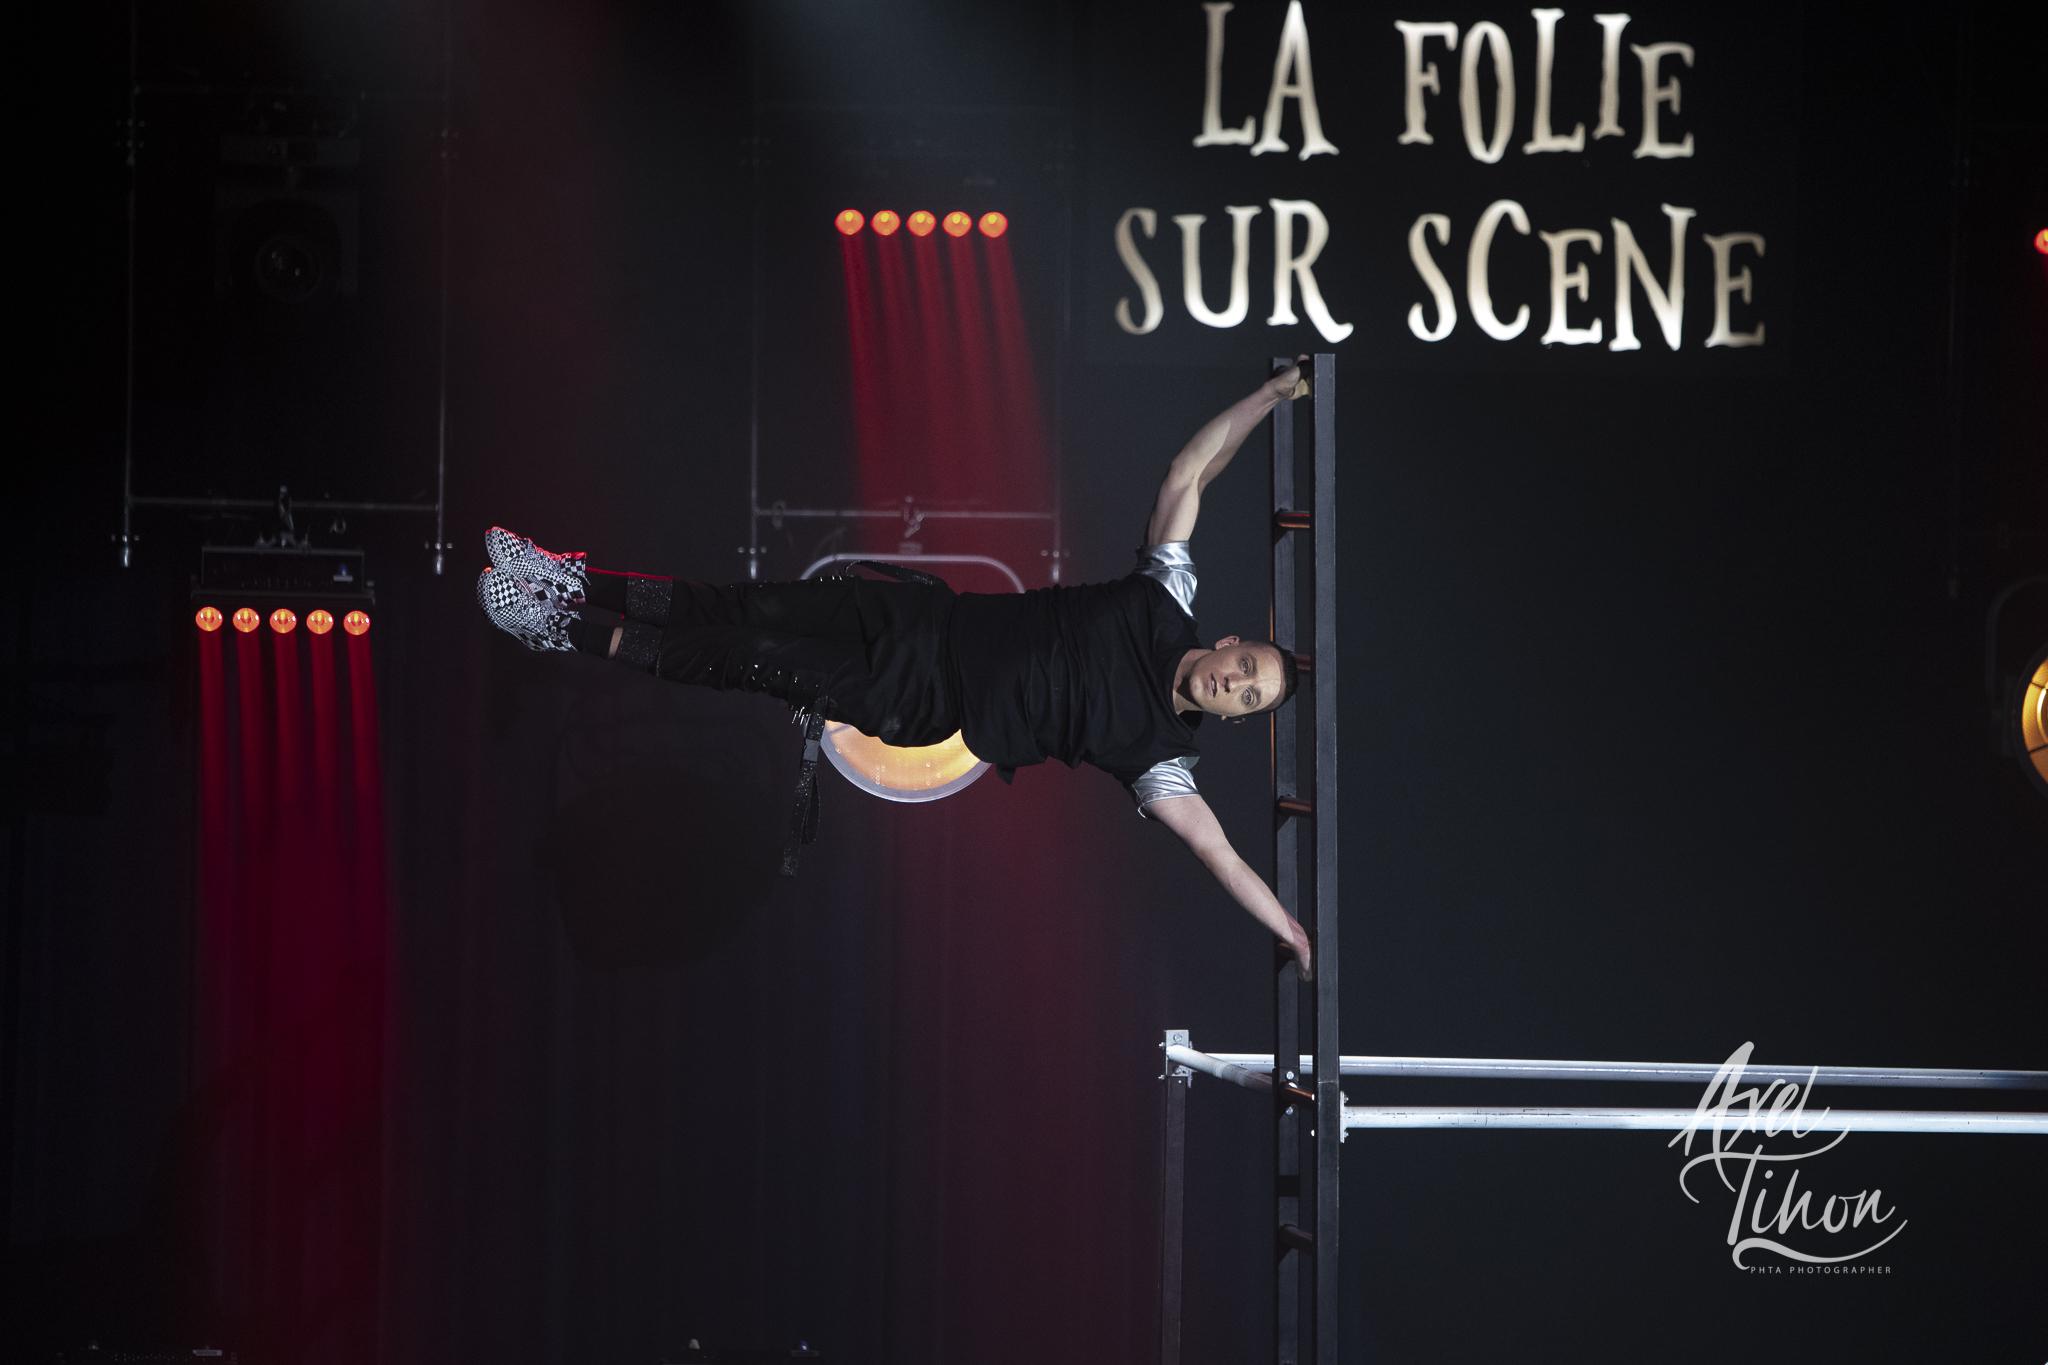 La folie sur scène-67